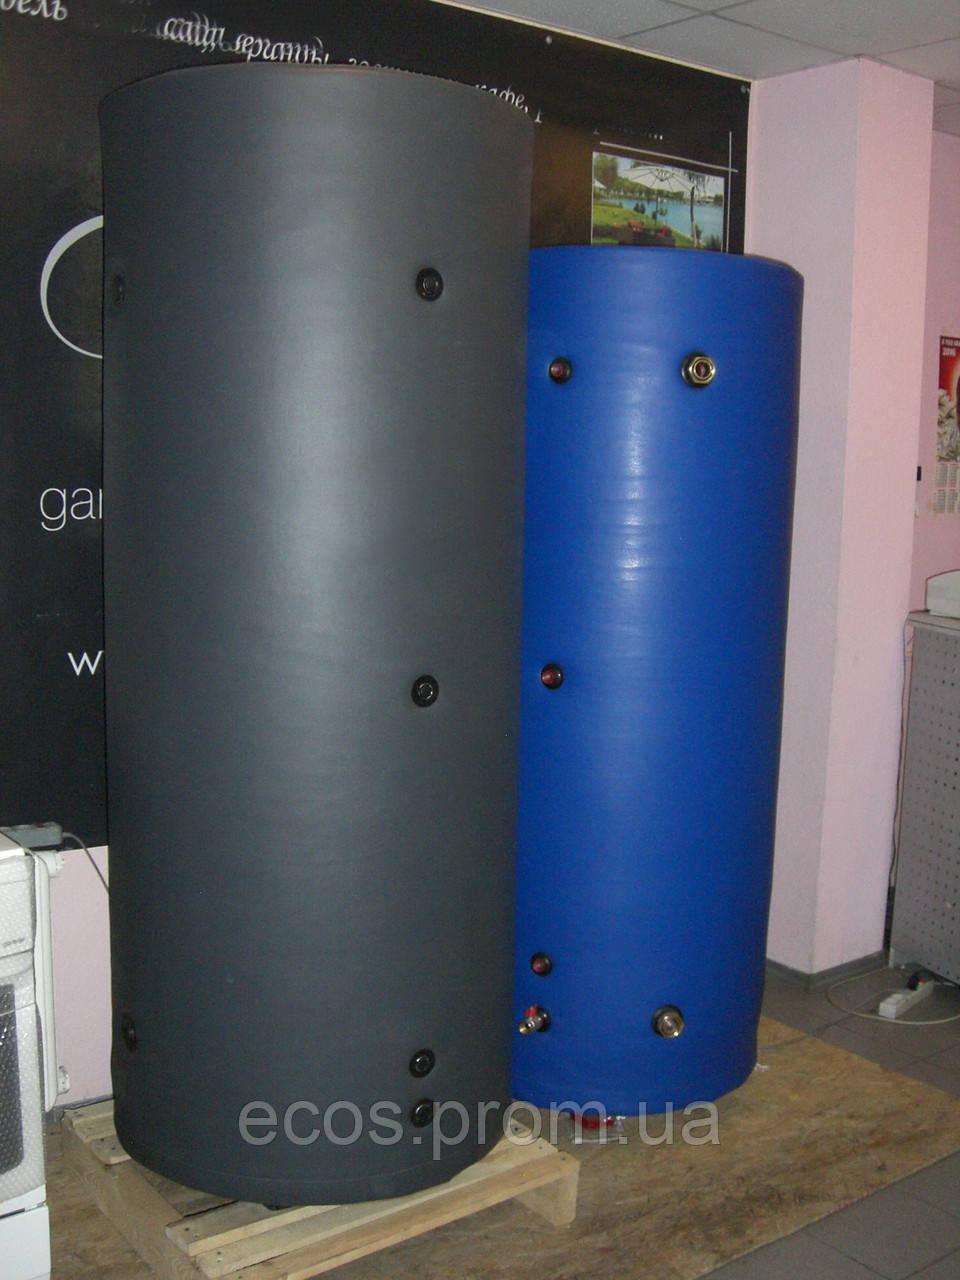 Теплообменник косвенного нагрева из нержавеющей стали Кожухотрубный маслоохладитель ONDA Oil 120 Кемерово